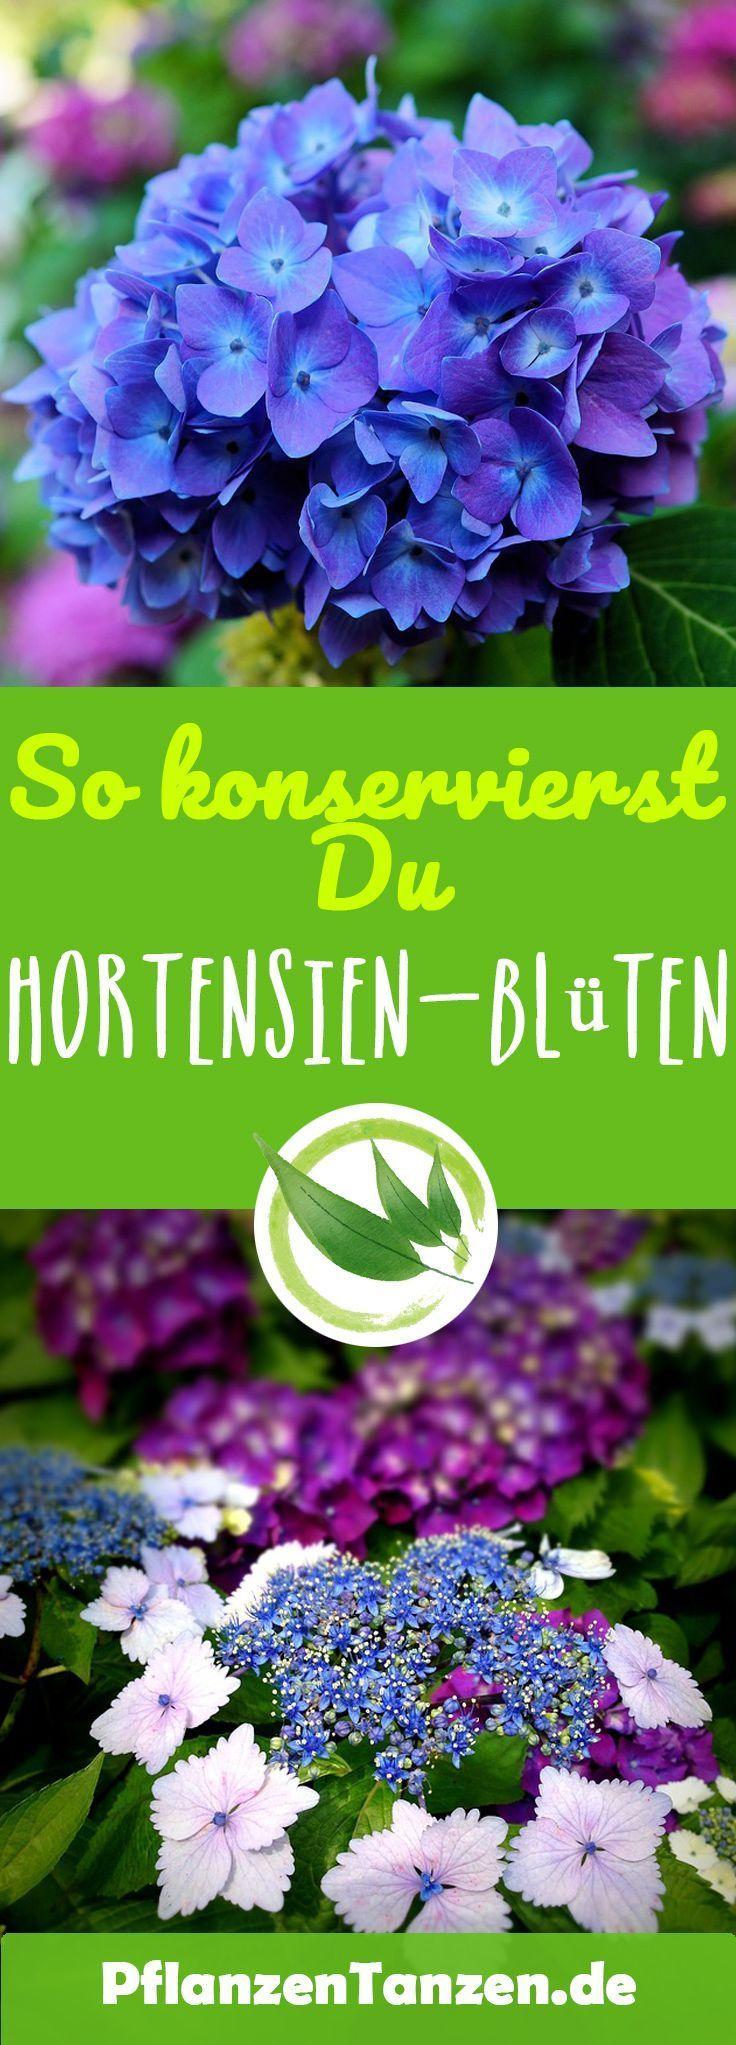 【ᐅ】Hortensien Pflege 2020 - Schneiden, vermehren, überwintern